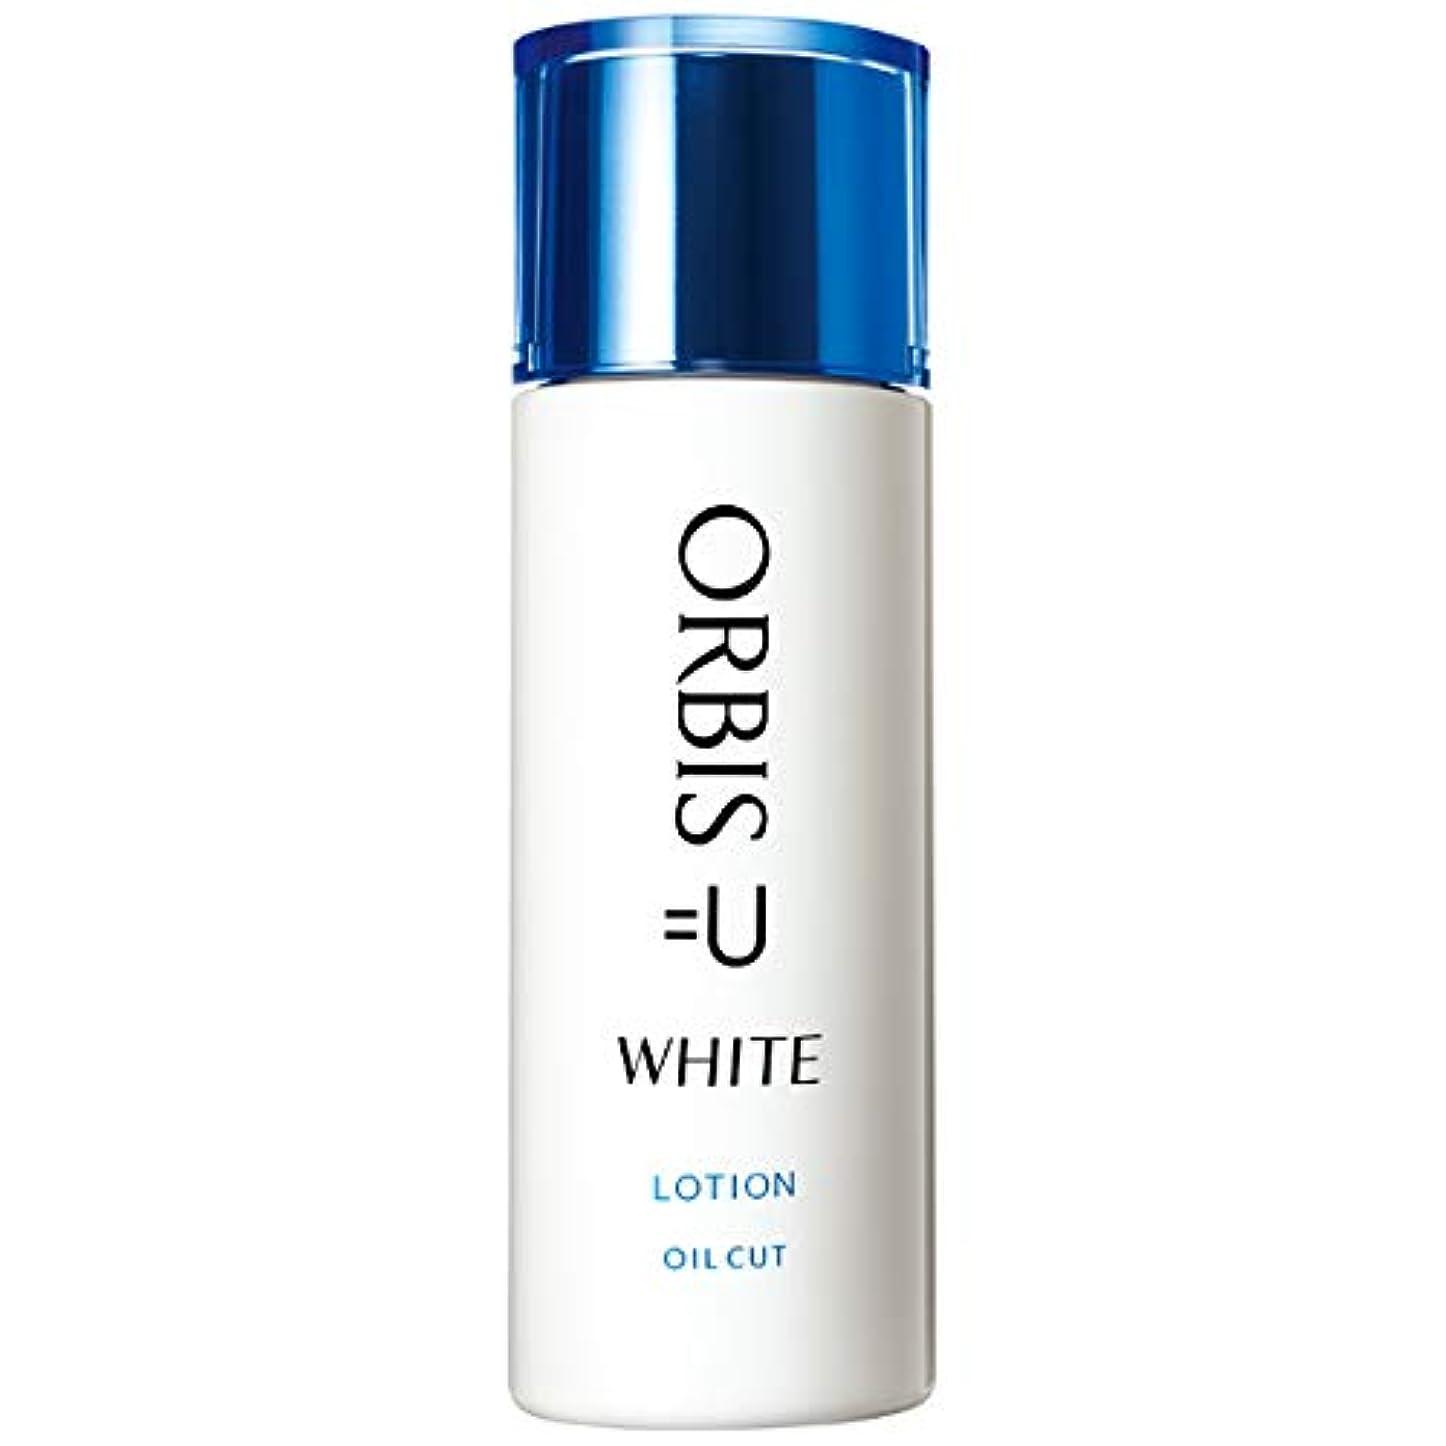 逆さまに納屋バックグラウンドオルビス(ORBIS) オルビスユー ホワイト ローション 180mL 化粧水 [医薬部外品]